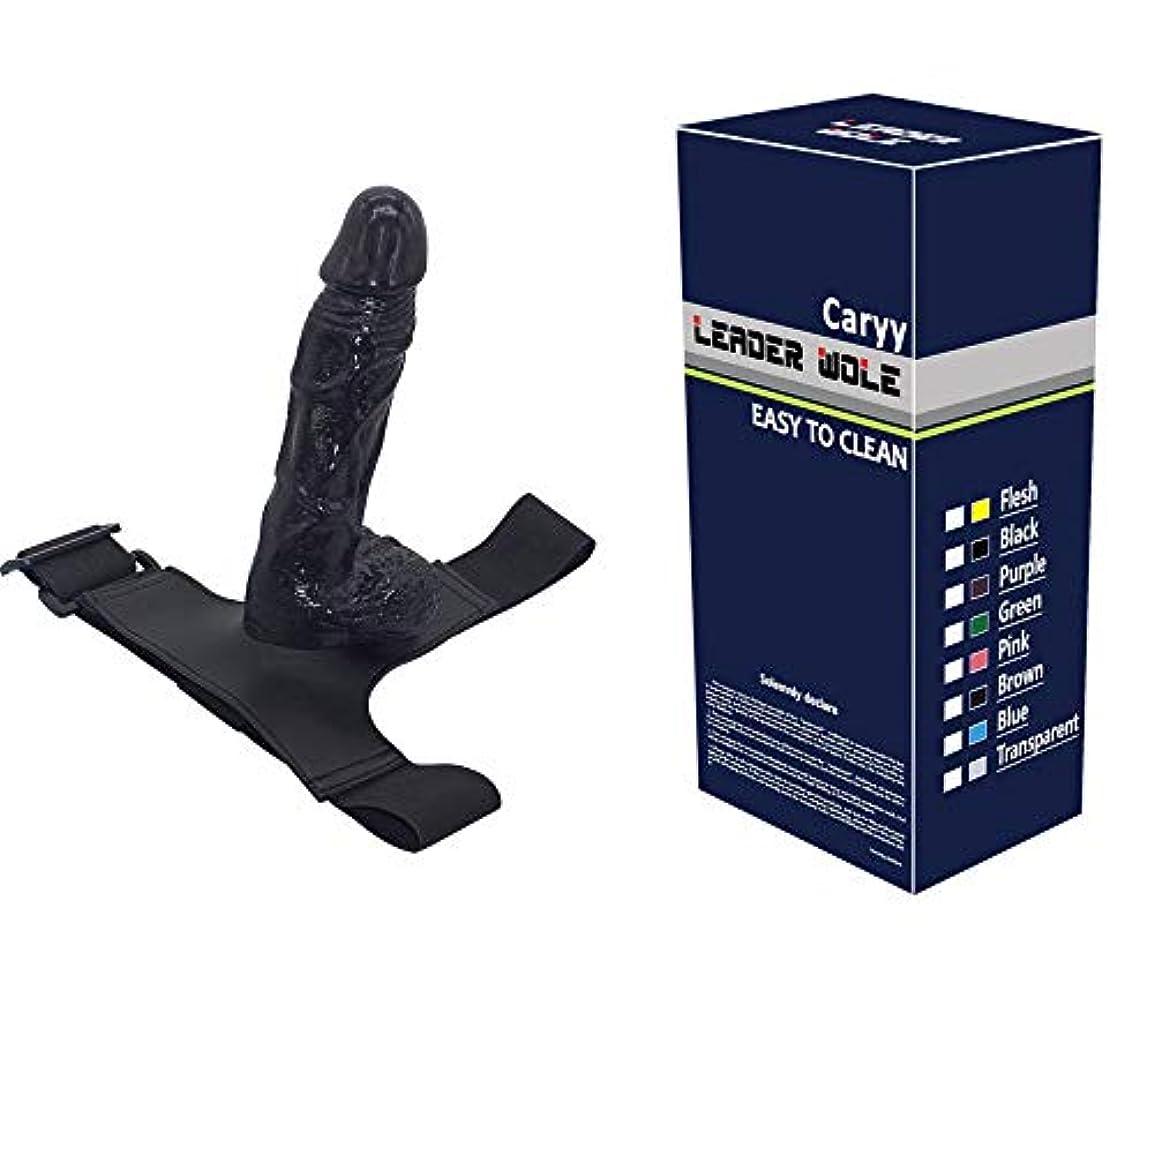 中性より平らな結婚した吸盤は超柔らかい、落下防止、防水、巨大な、防水素材は柔らかいです -Black-tianxiagongying11.29